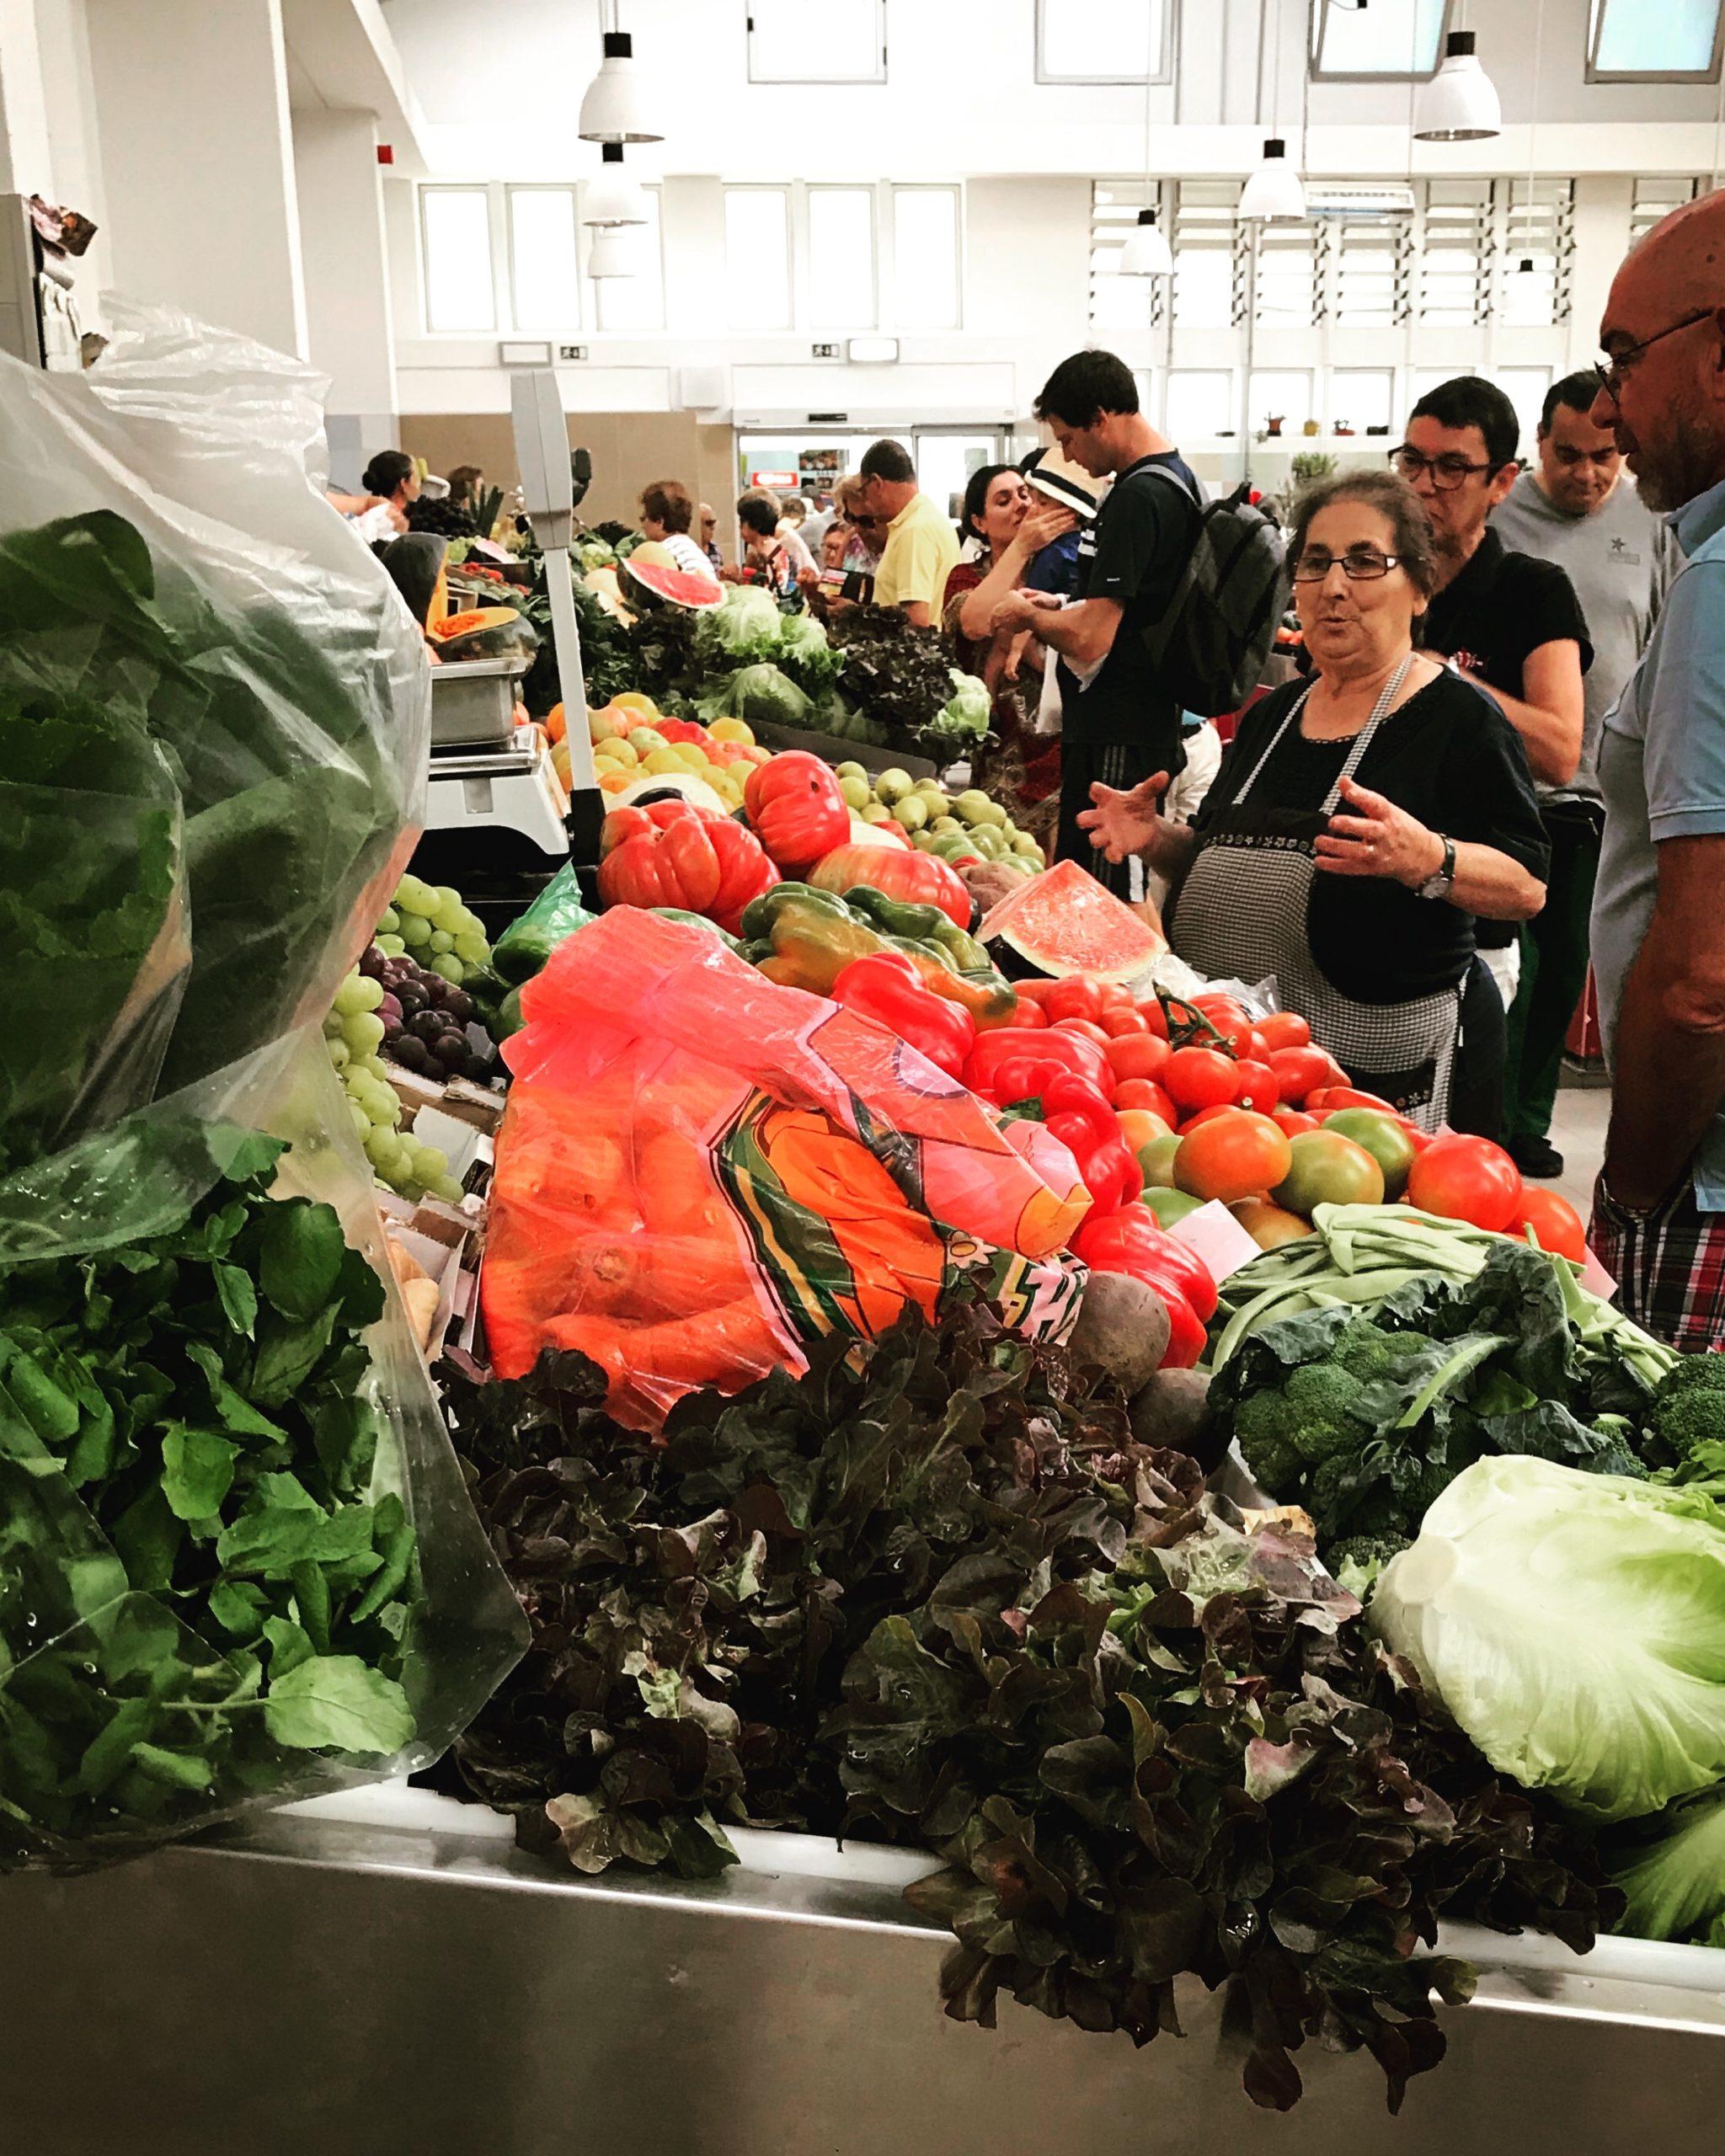 marché fruits et légumes saison